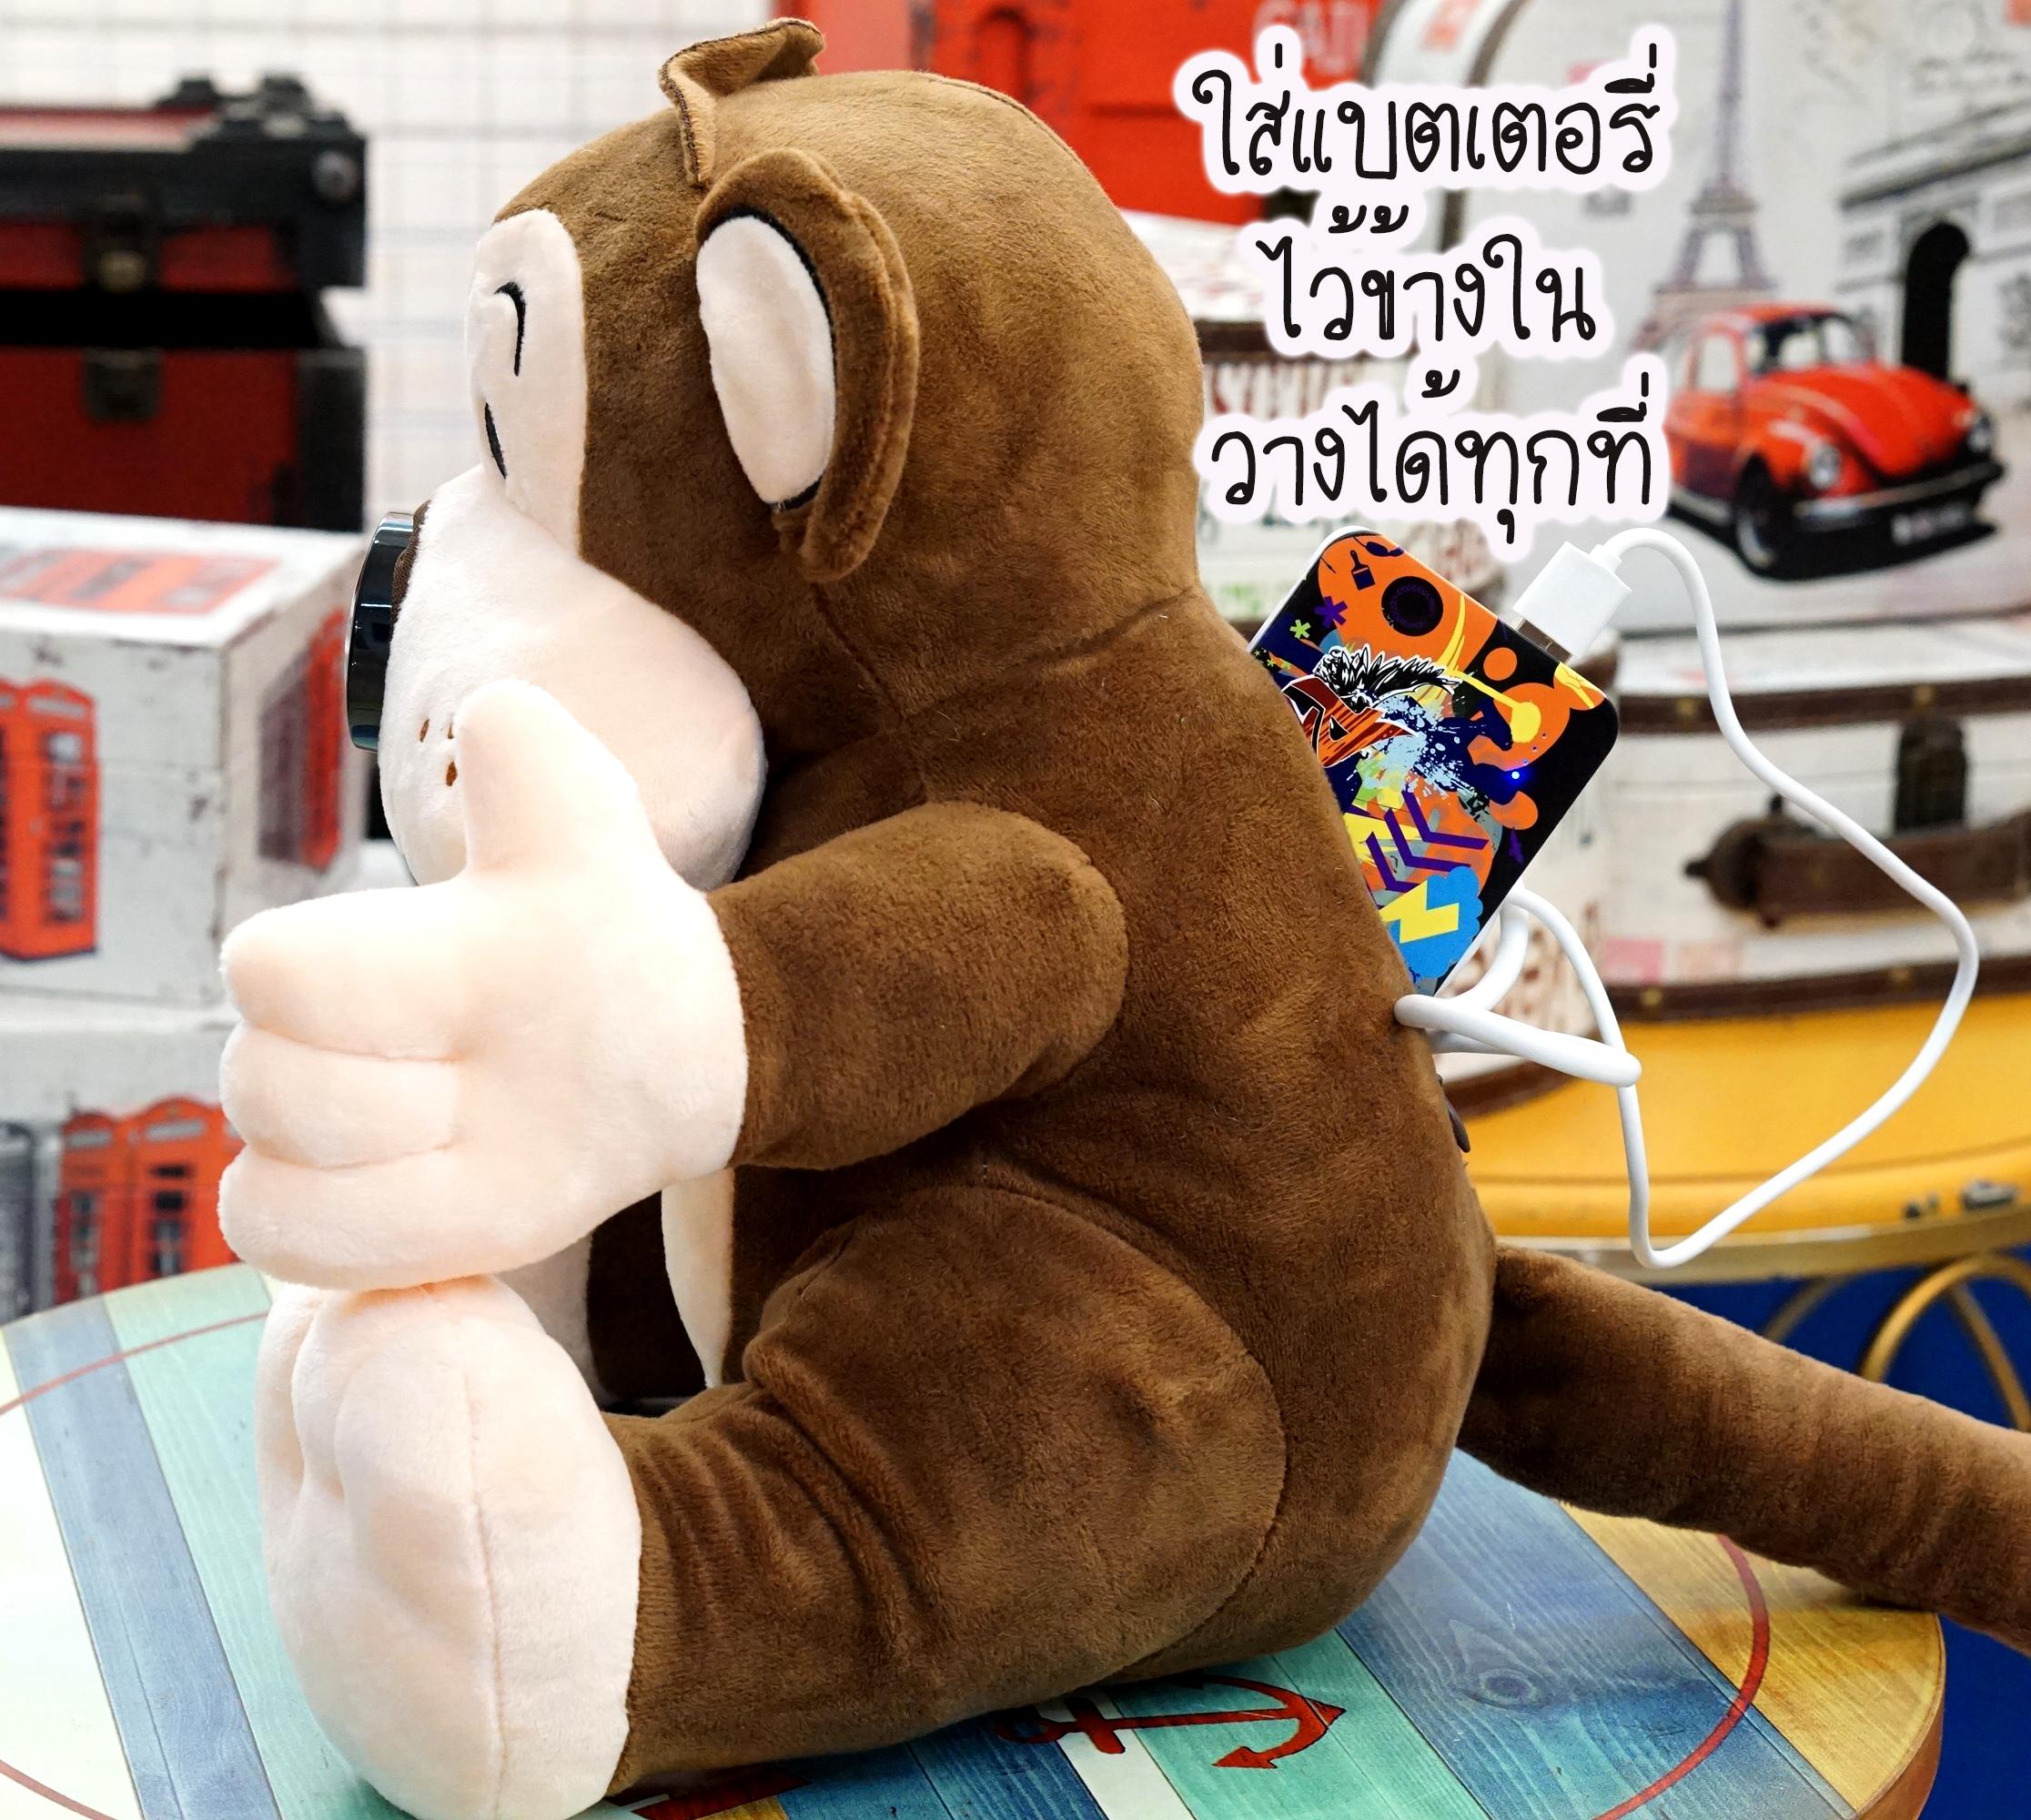 กล้อวงจรปิด-กล้องดูแลเด็ก-คิดถึงลูก-ตุ๊กตาลิง-1